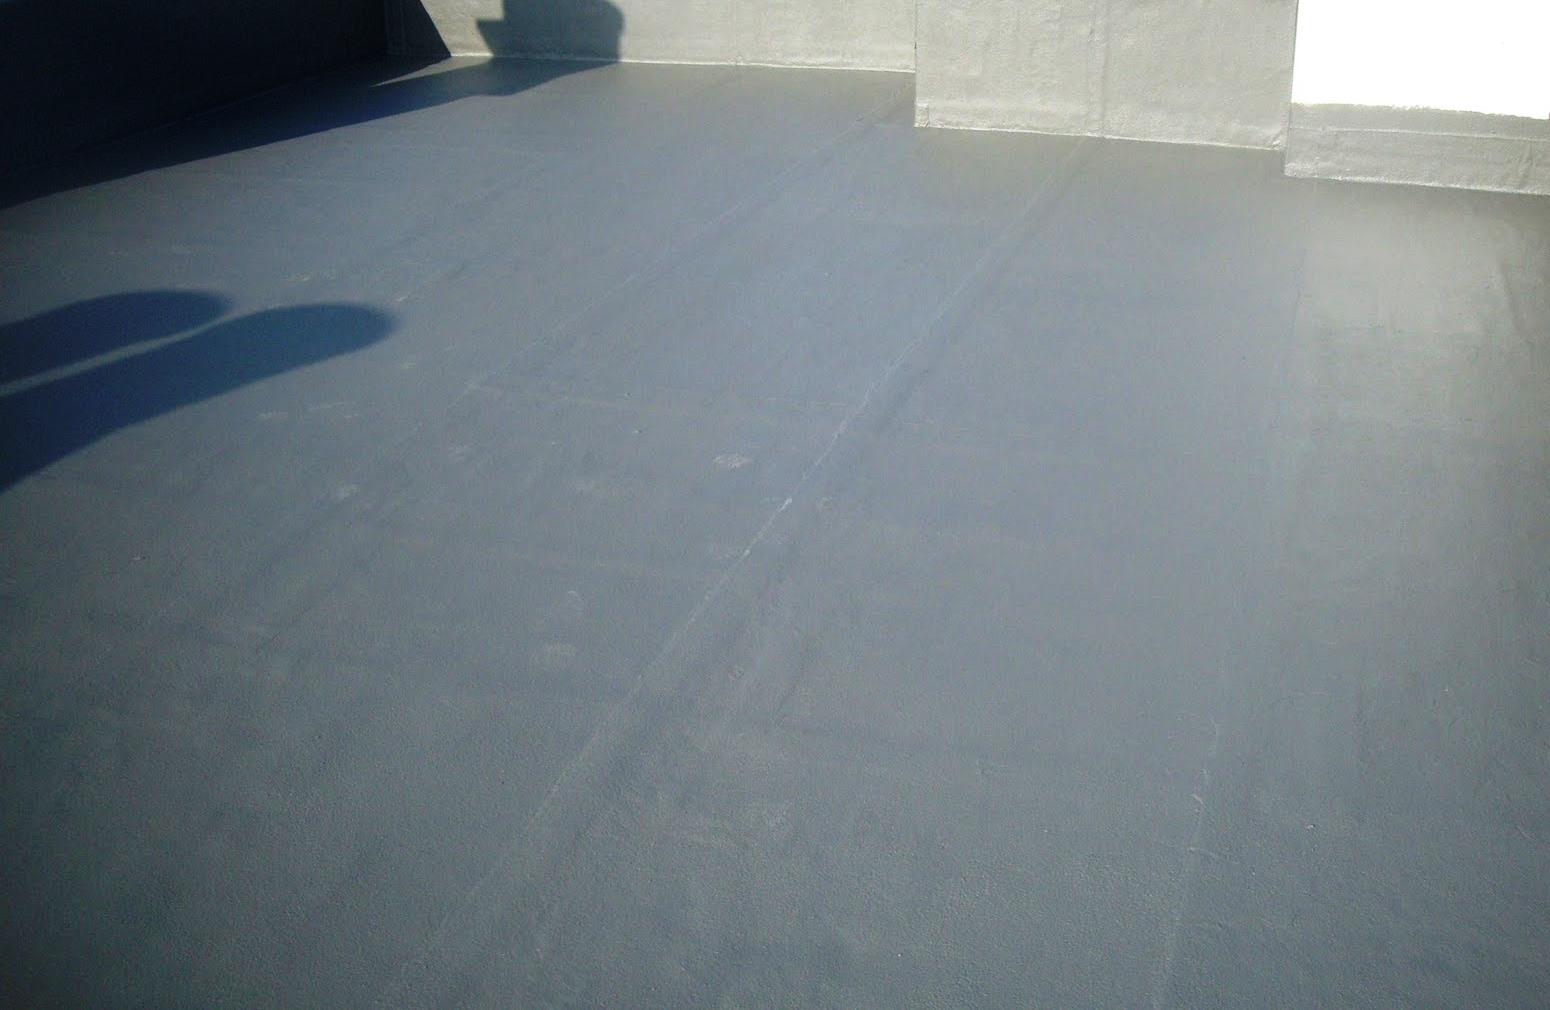 La impermeabilización de terrazas nunca puede descuidarse. Una mala impermeabilización de las terrazas causará daños muy grandes en un corto plazo de tiempo.